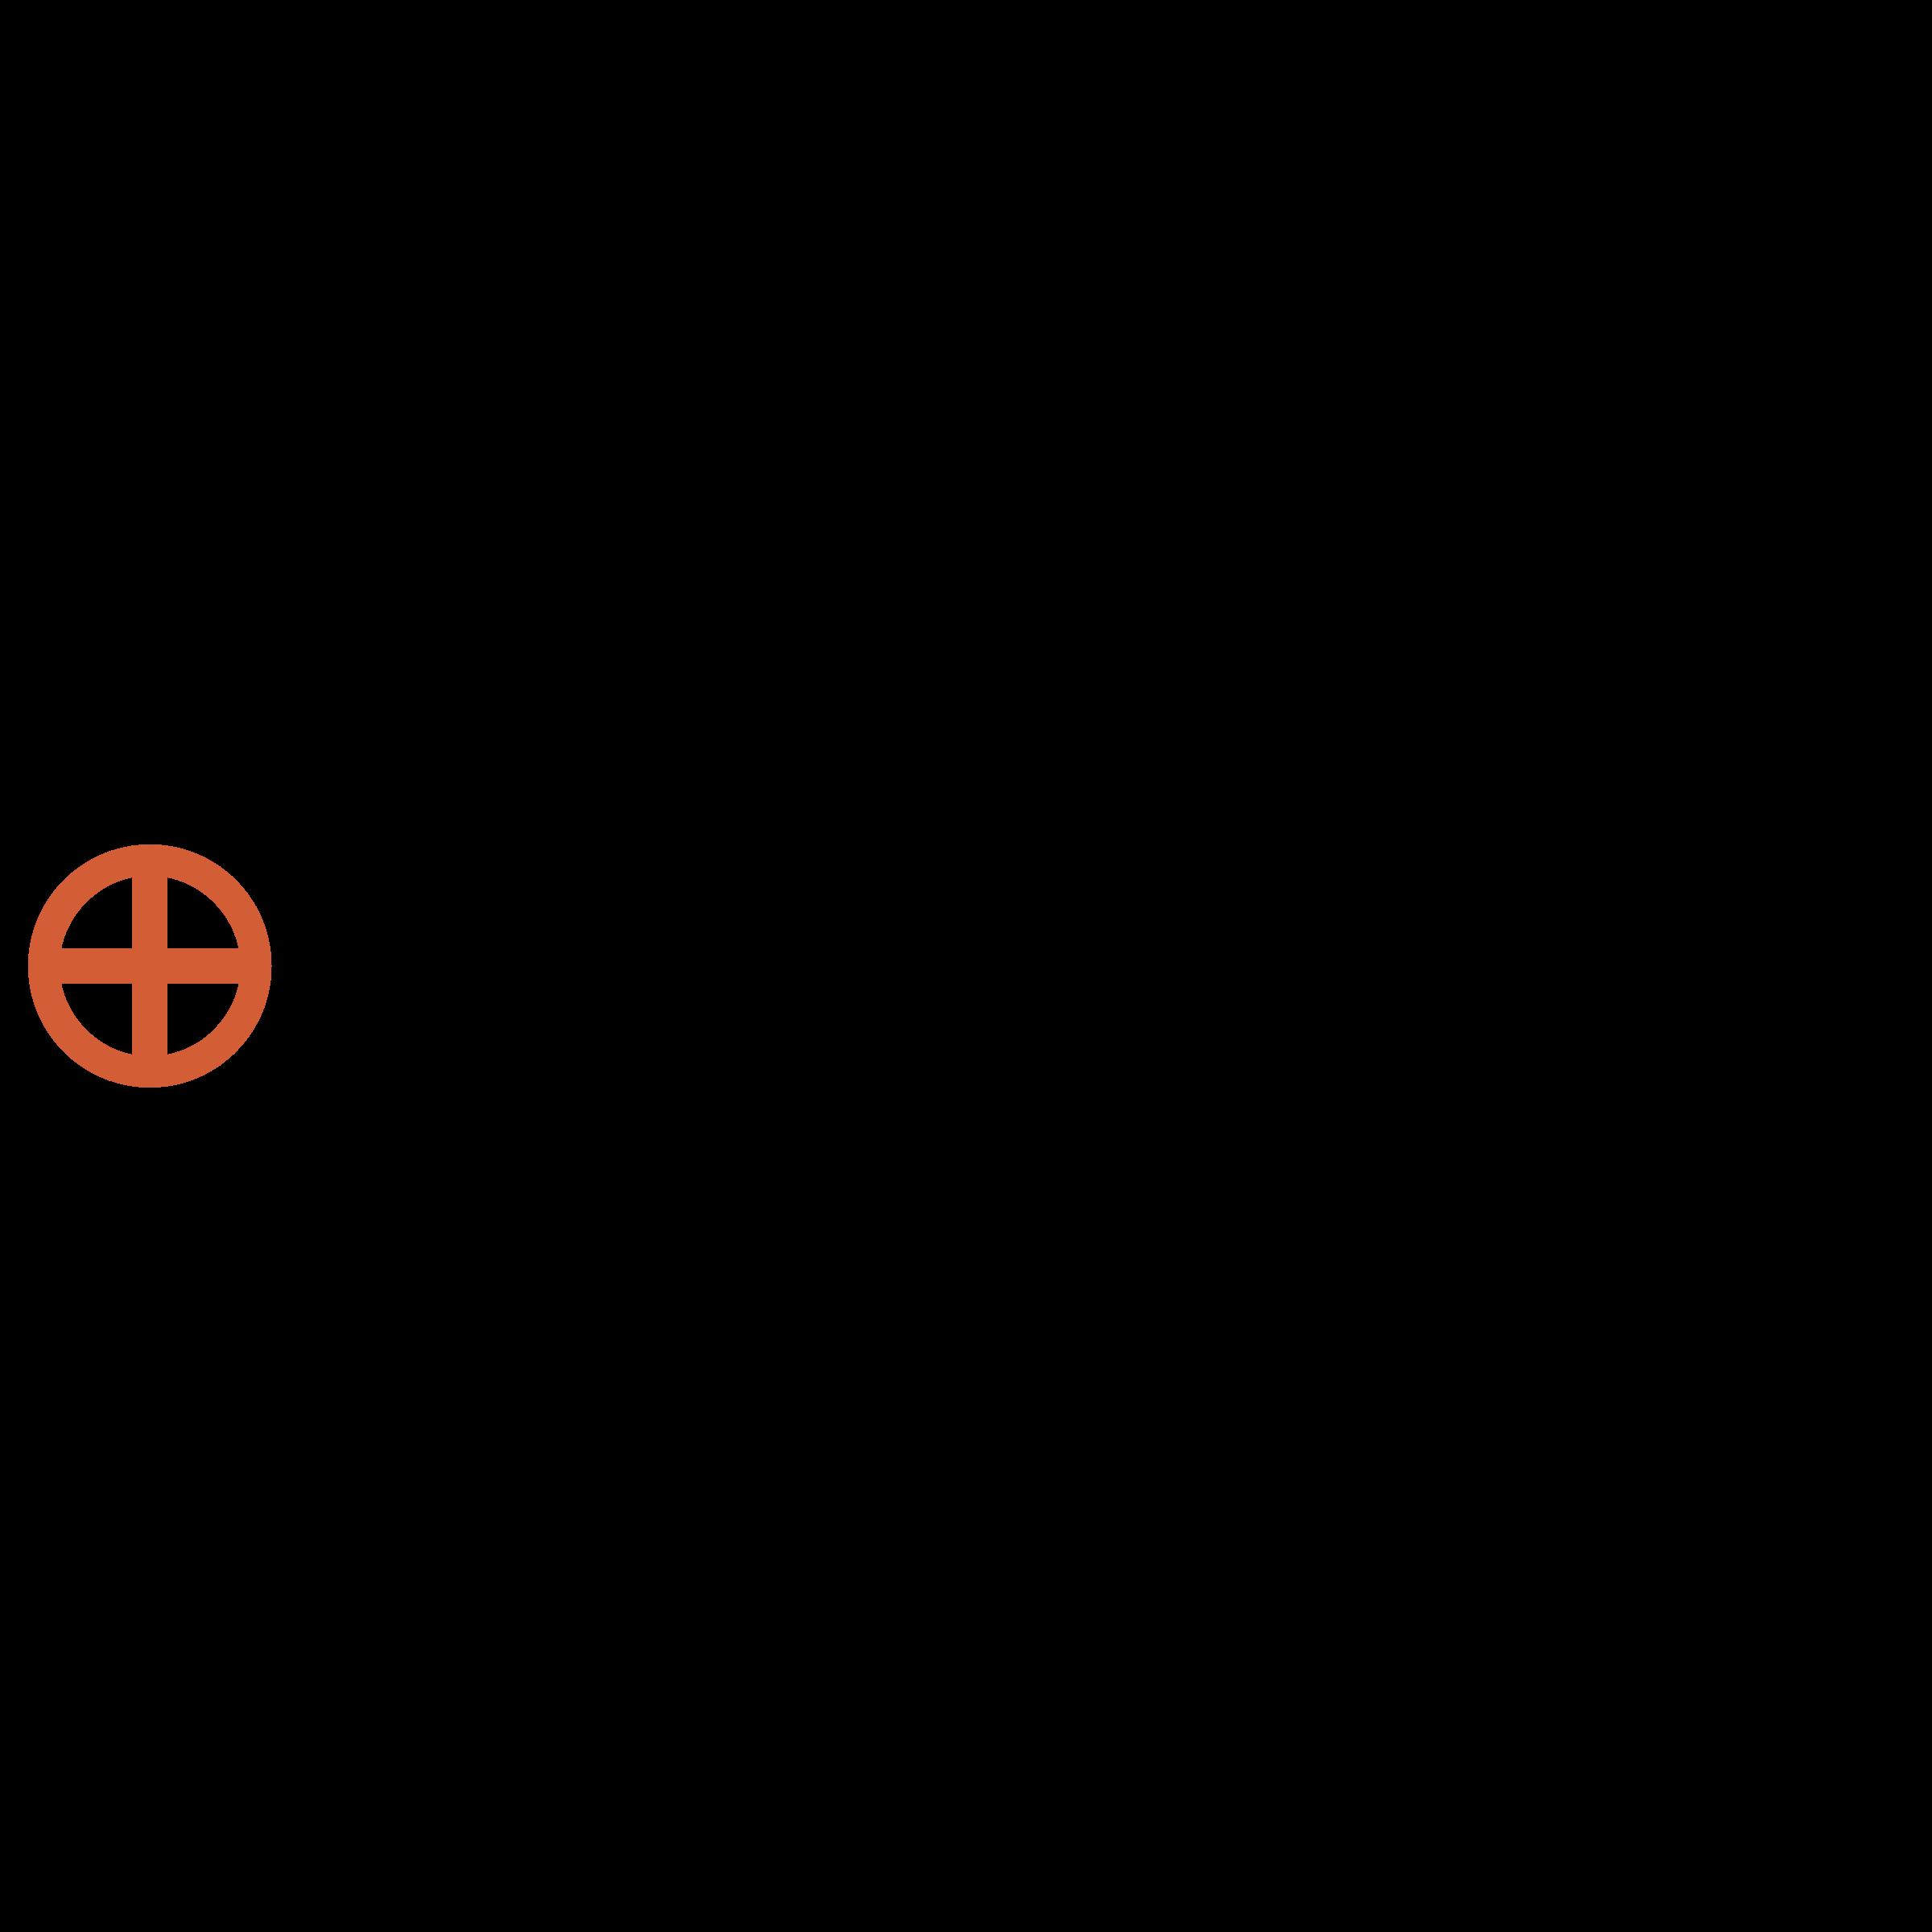 Shimadzu Logo Transparent | PhiGEM